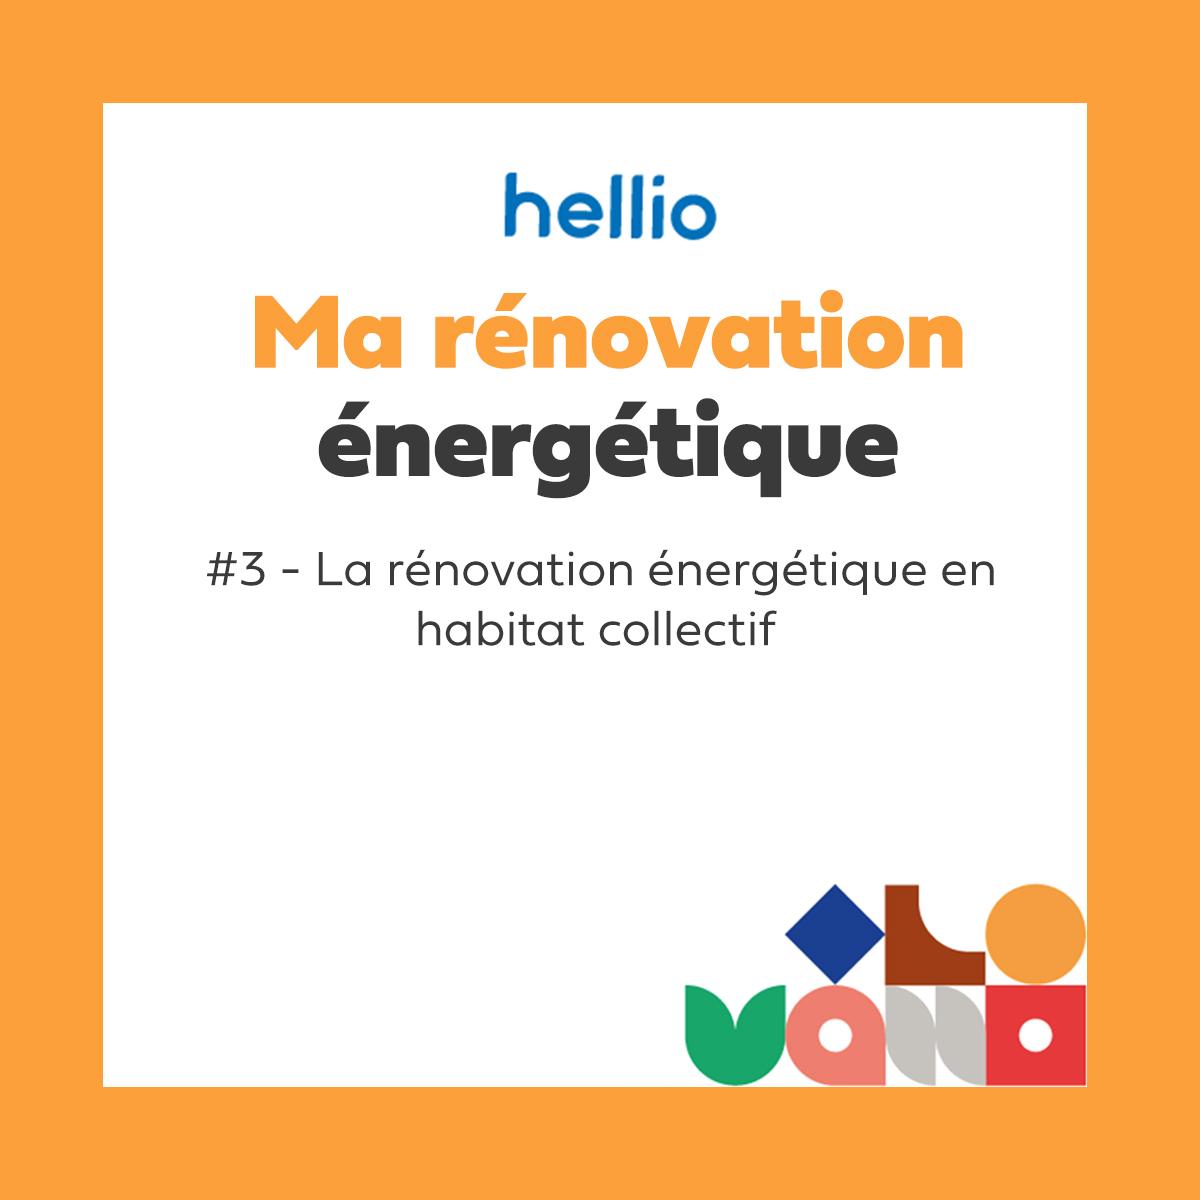 Podcast - Ma rénovation énergétique : #3 la rénovation énergétique en habitat collectif